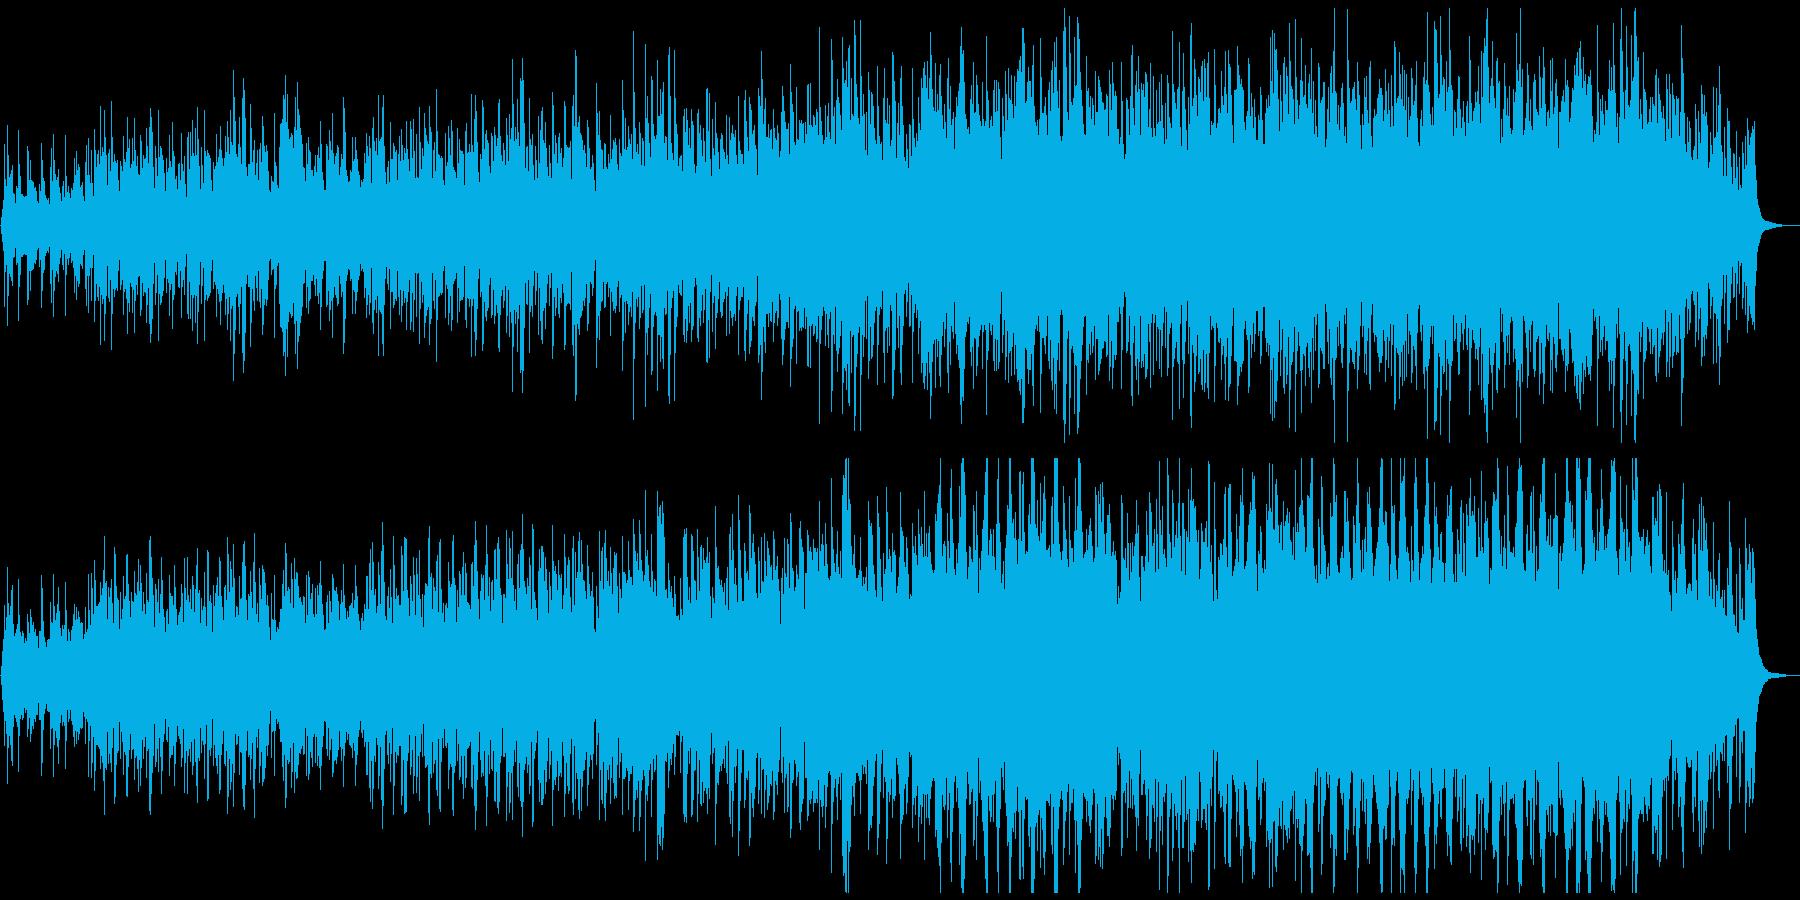 初夏~夏をイメージしたノスタルジックな曲の再生済みの波形